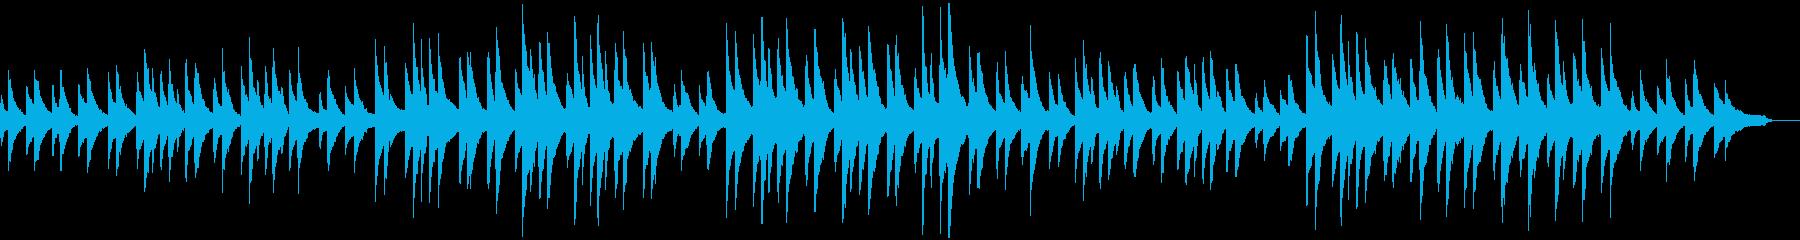 サティ ジムノペディ 第2番 ピアノの再生済みの波形